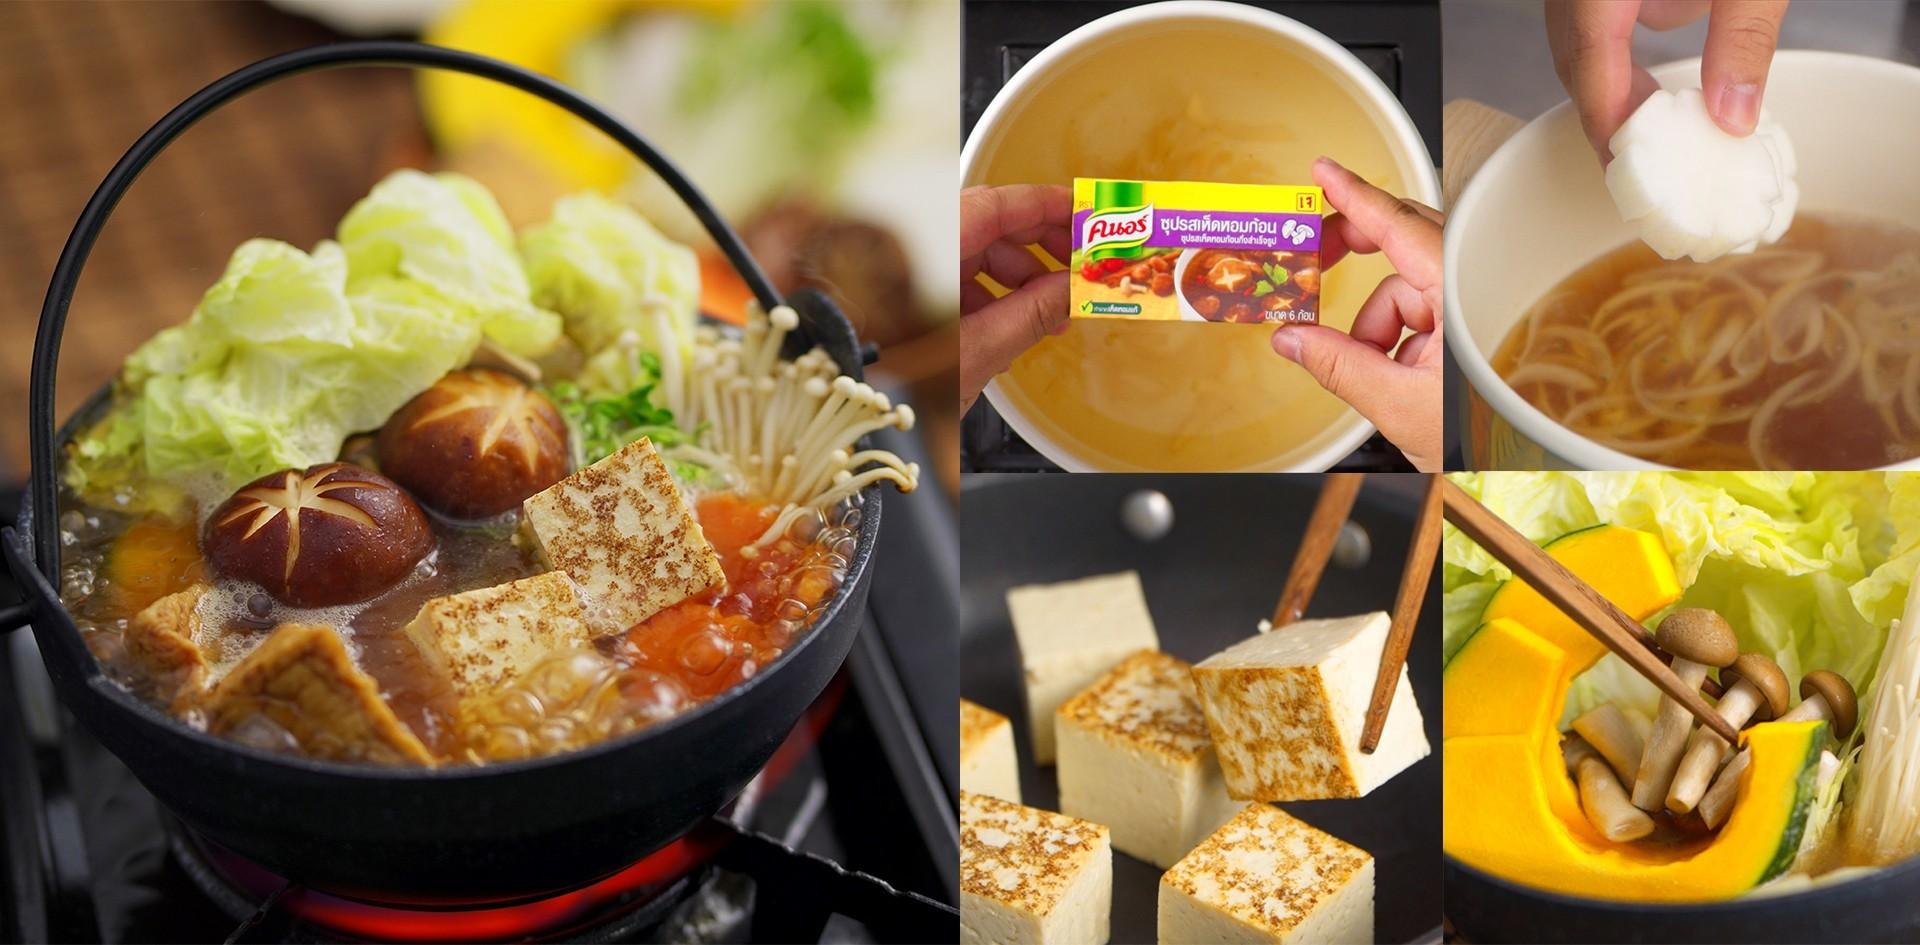 """วิธีทำ """"สุกี้ญี่ปุ่นเจ"""" เมนูอาหารเจสไตล์ญี่ปุ่น เท่ล้ำไม่จำเจ!"""